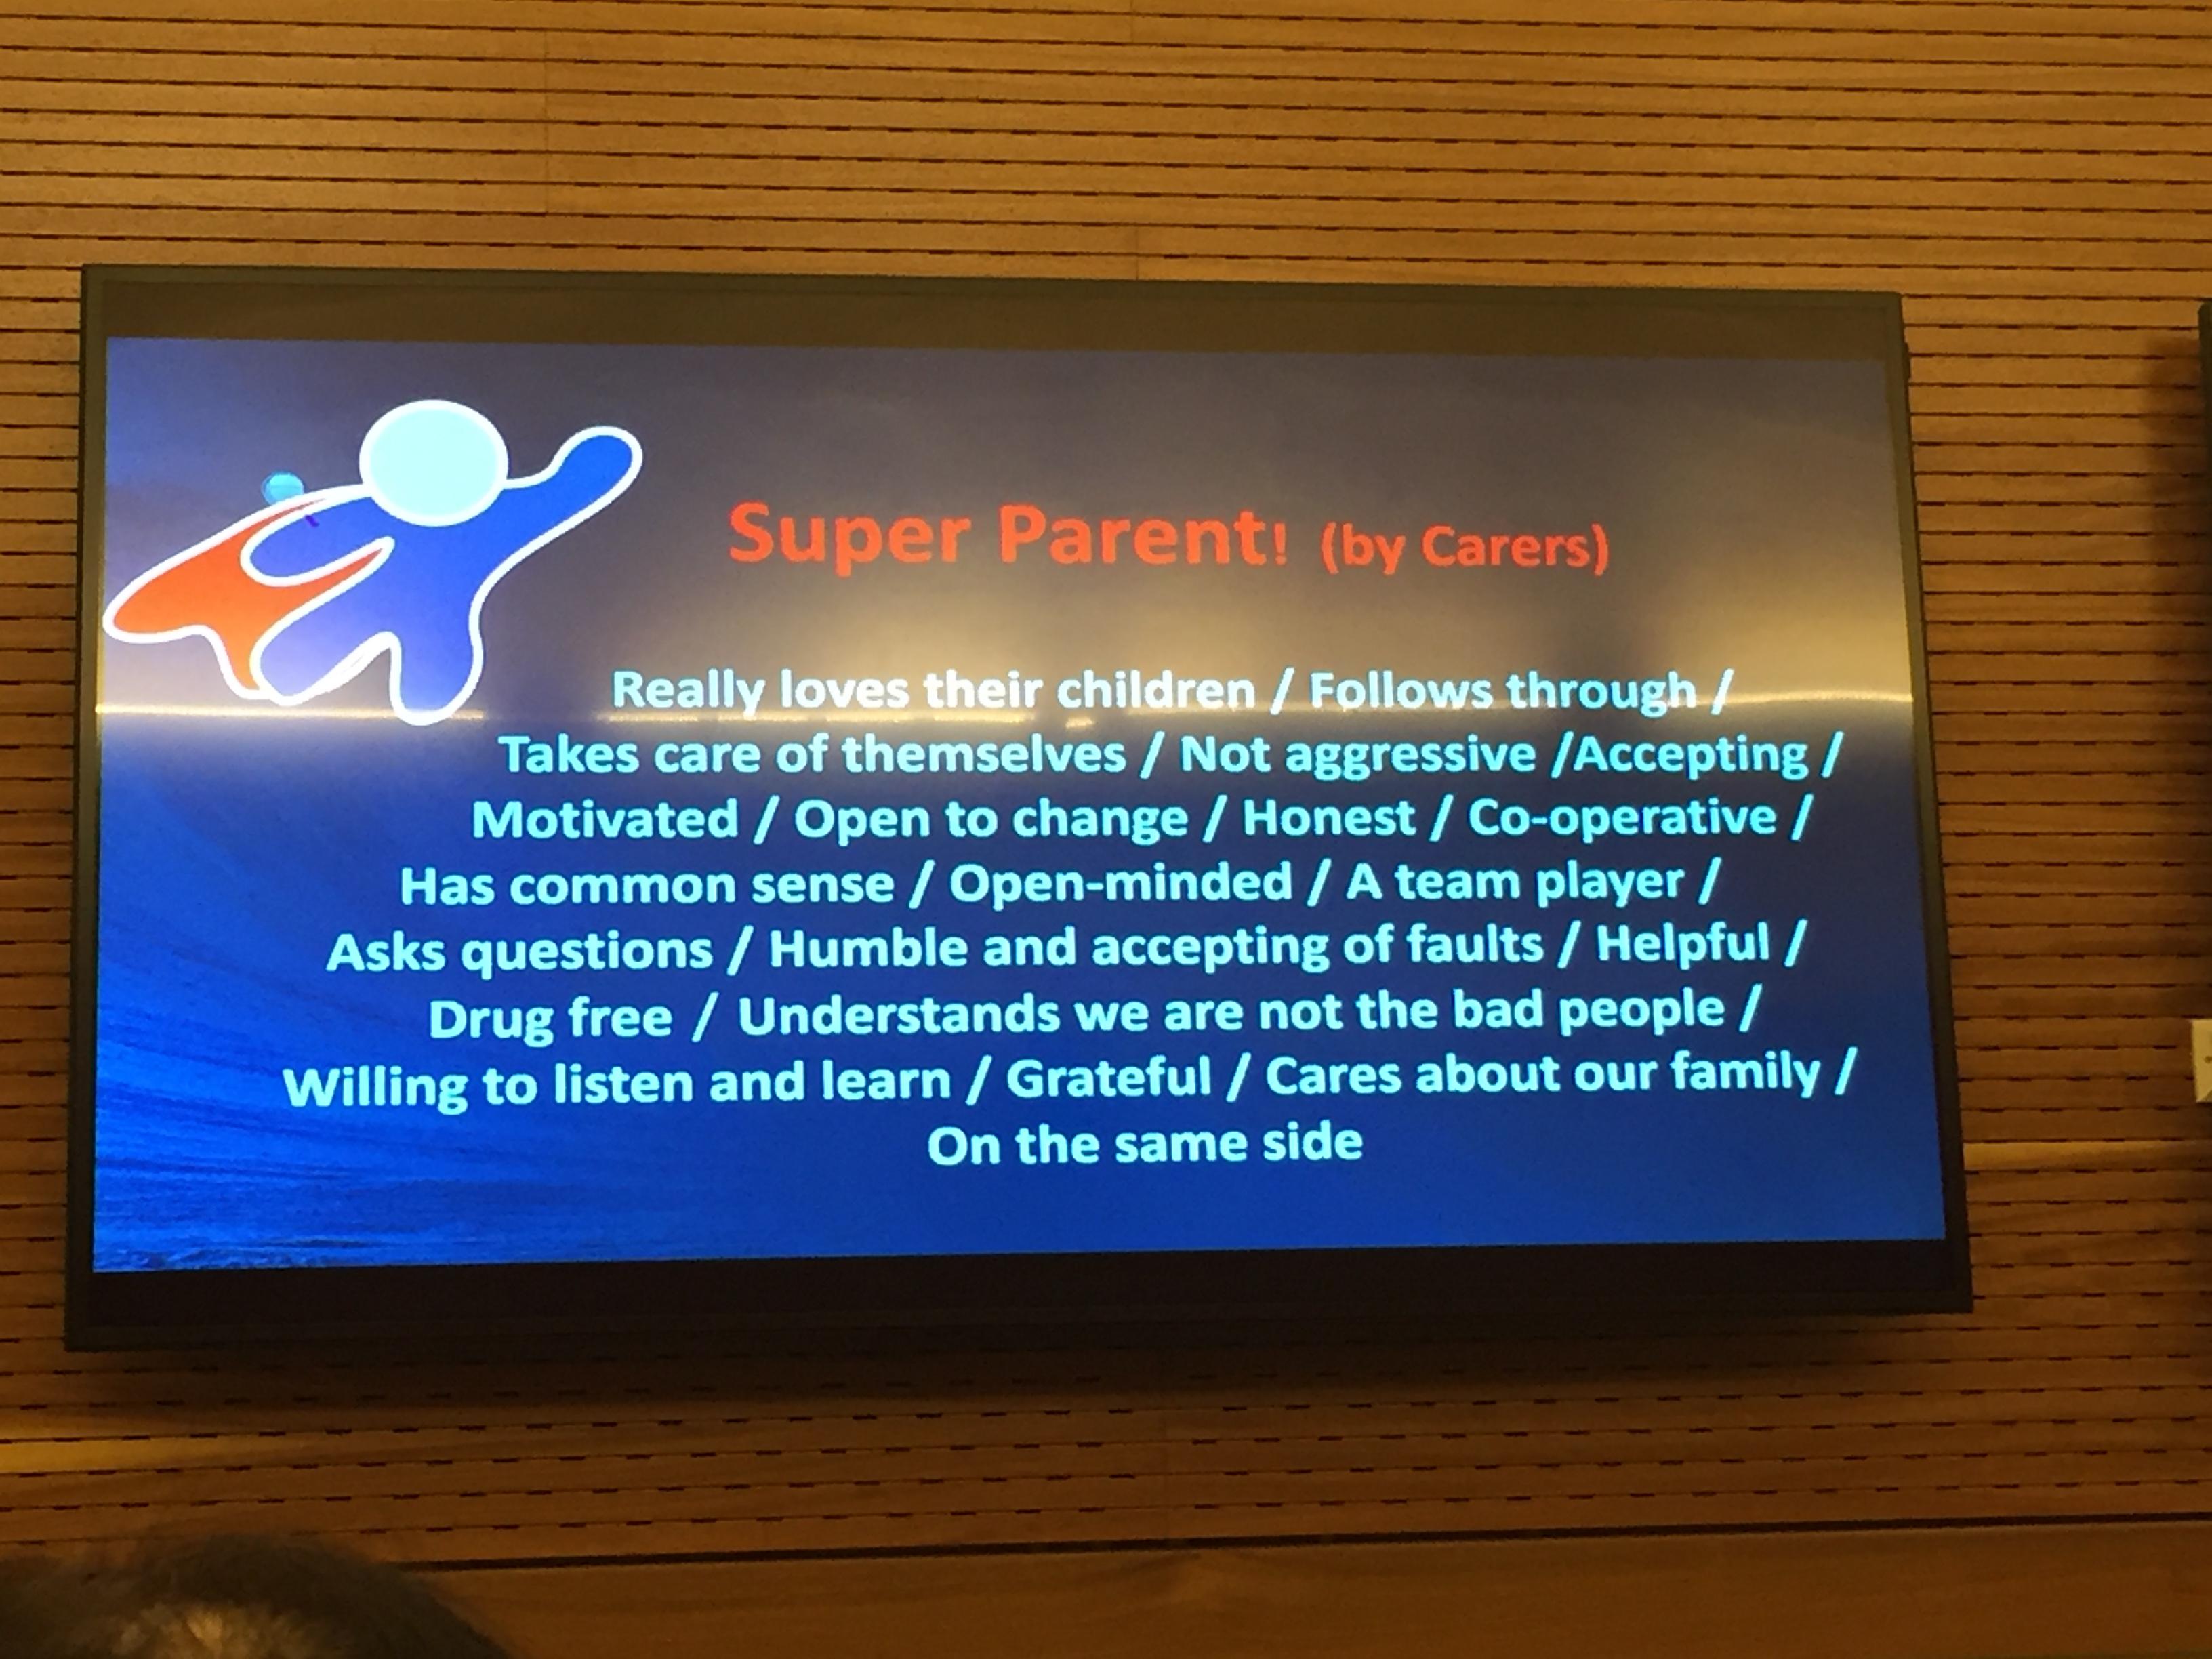 Föreläsning om samarbete mellan familjehem och föräldrar